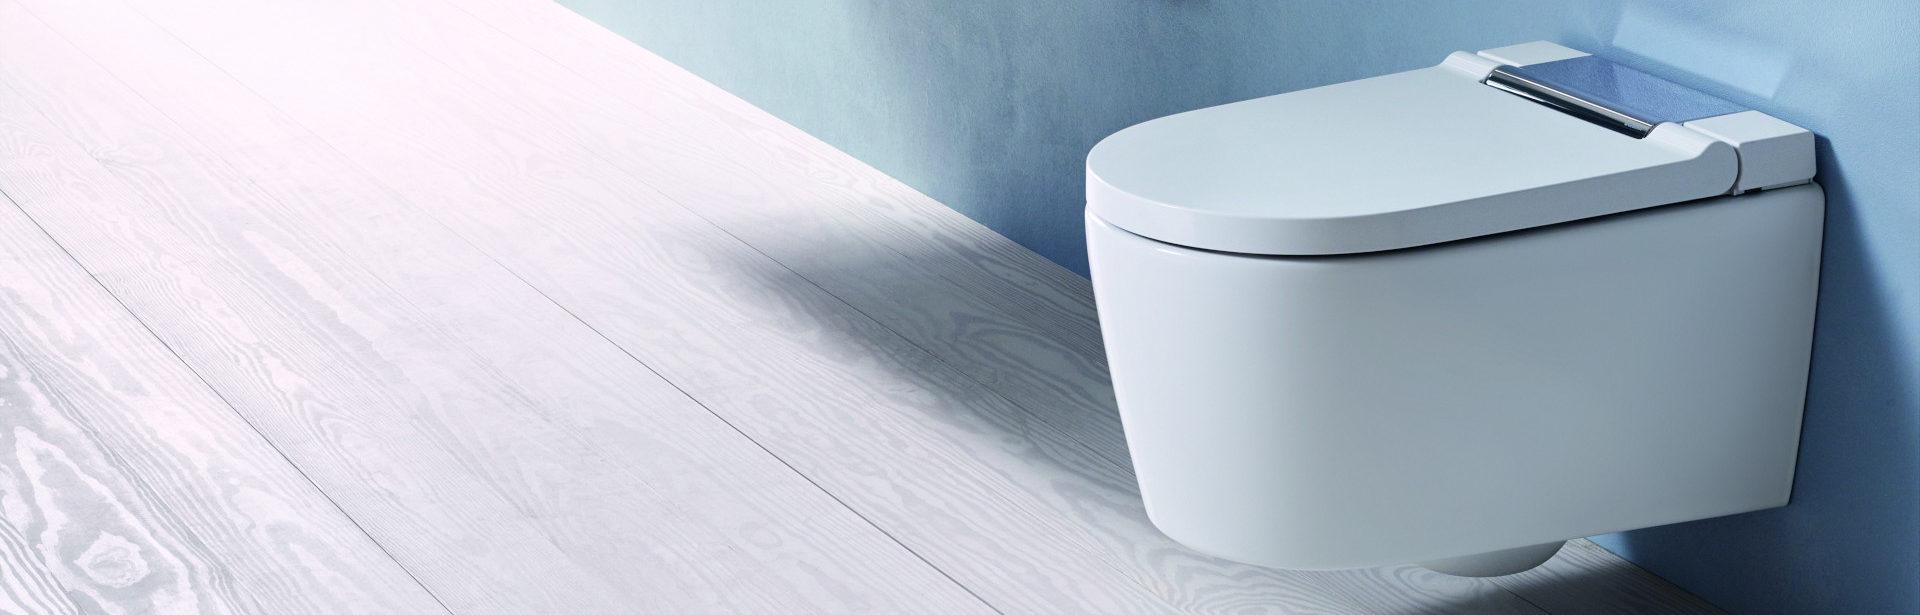 Wasser statt Papier: Hygiene und Komfort mit Dusch-WCs